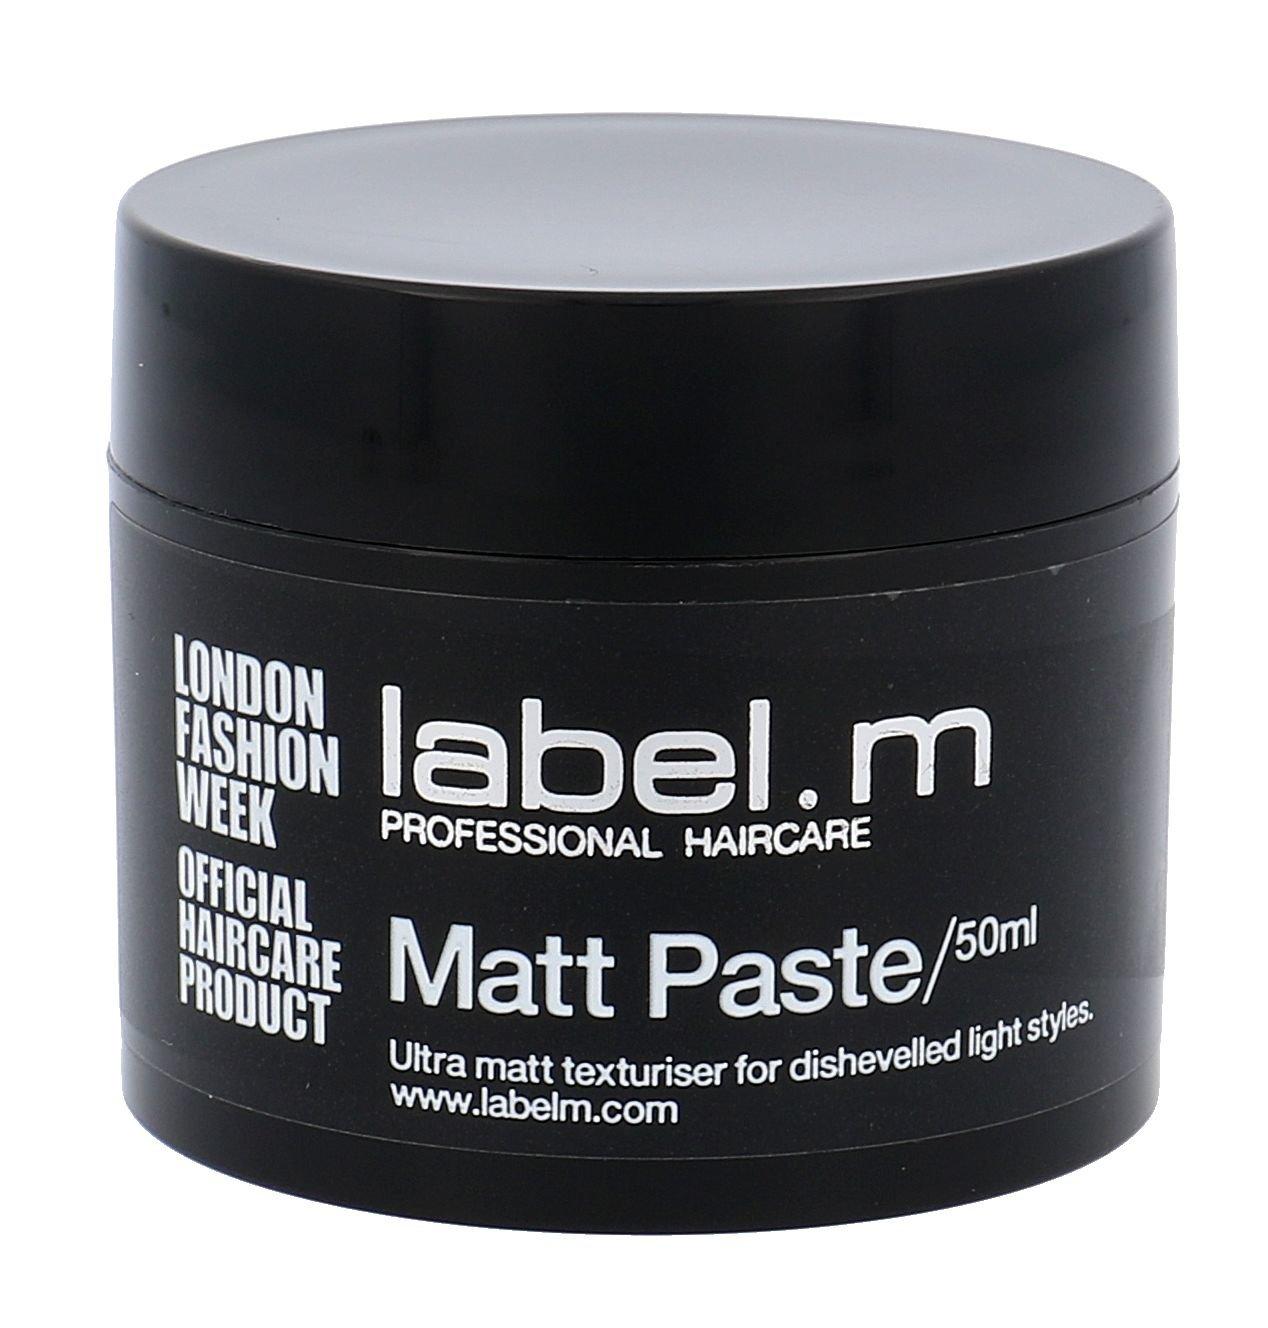 Label m Matt Paste Cosmetic 50ml